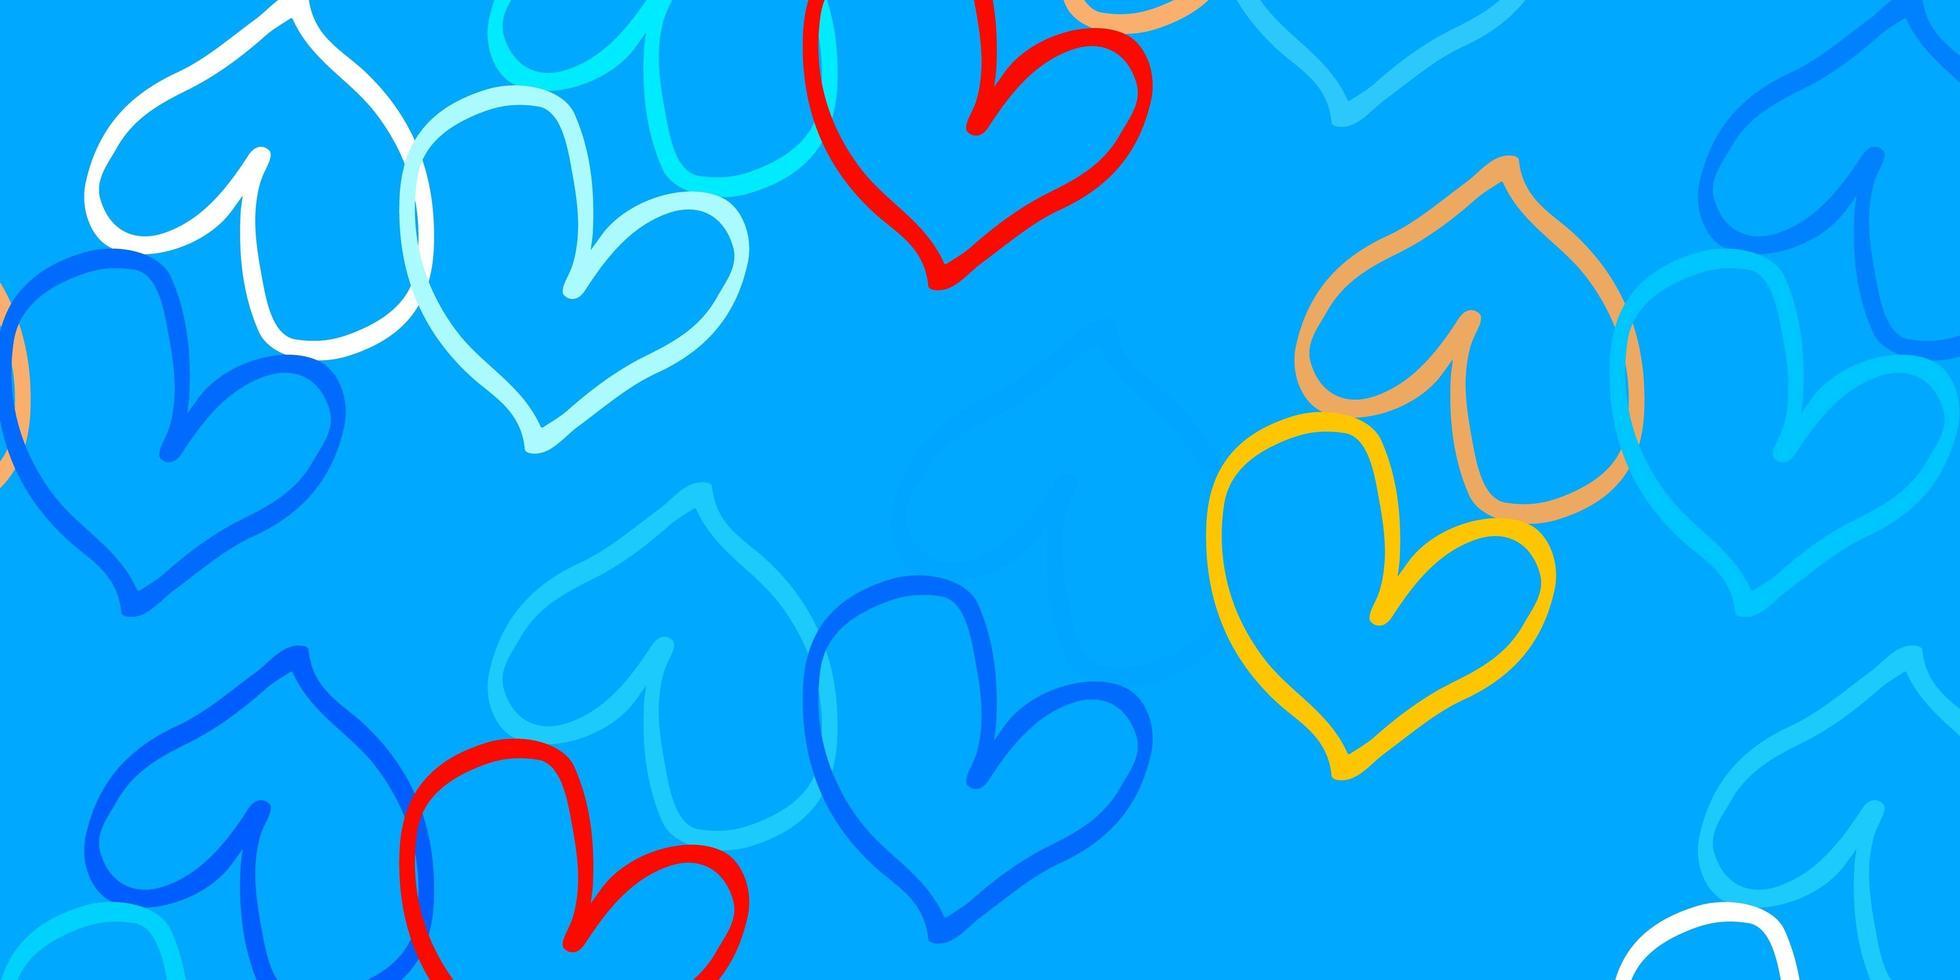 hellblauer, gelber Vektorhintergrund mit leuchtenden Herzen. vektor